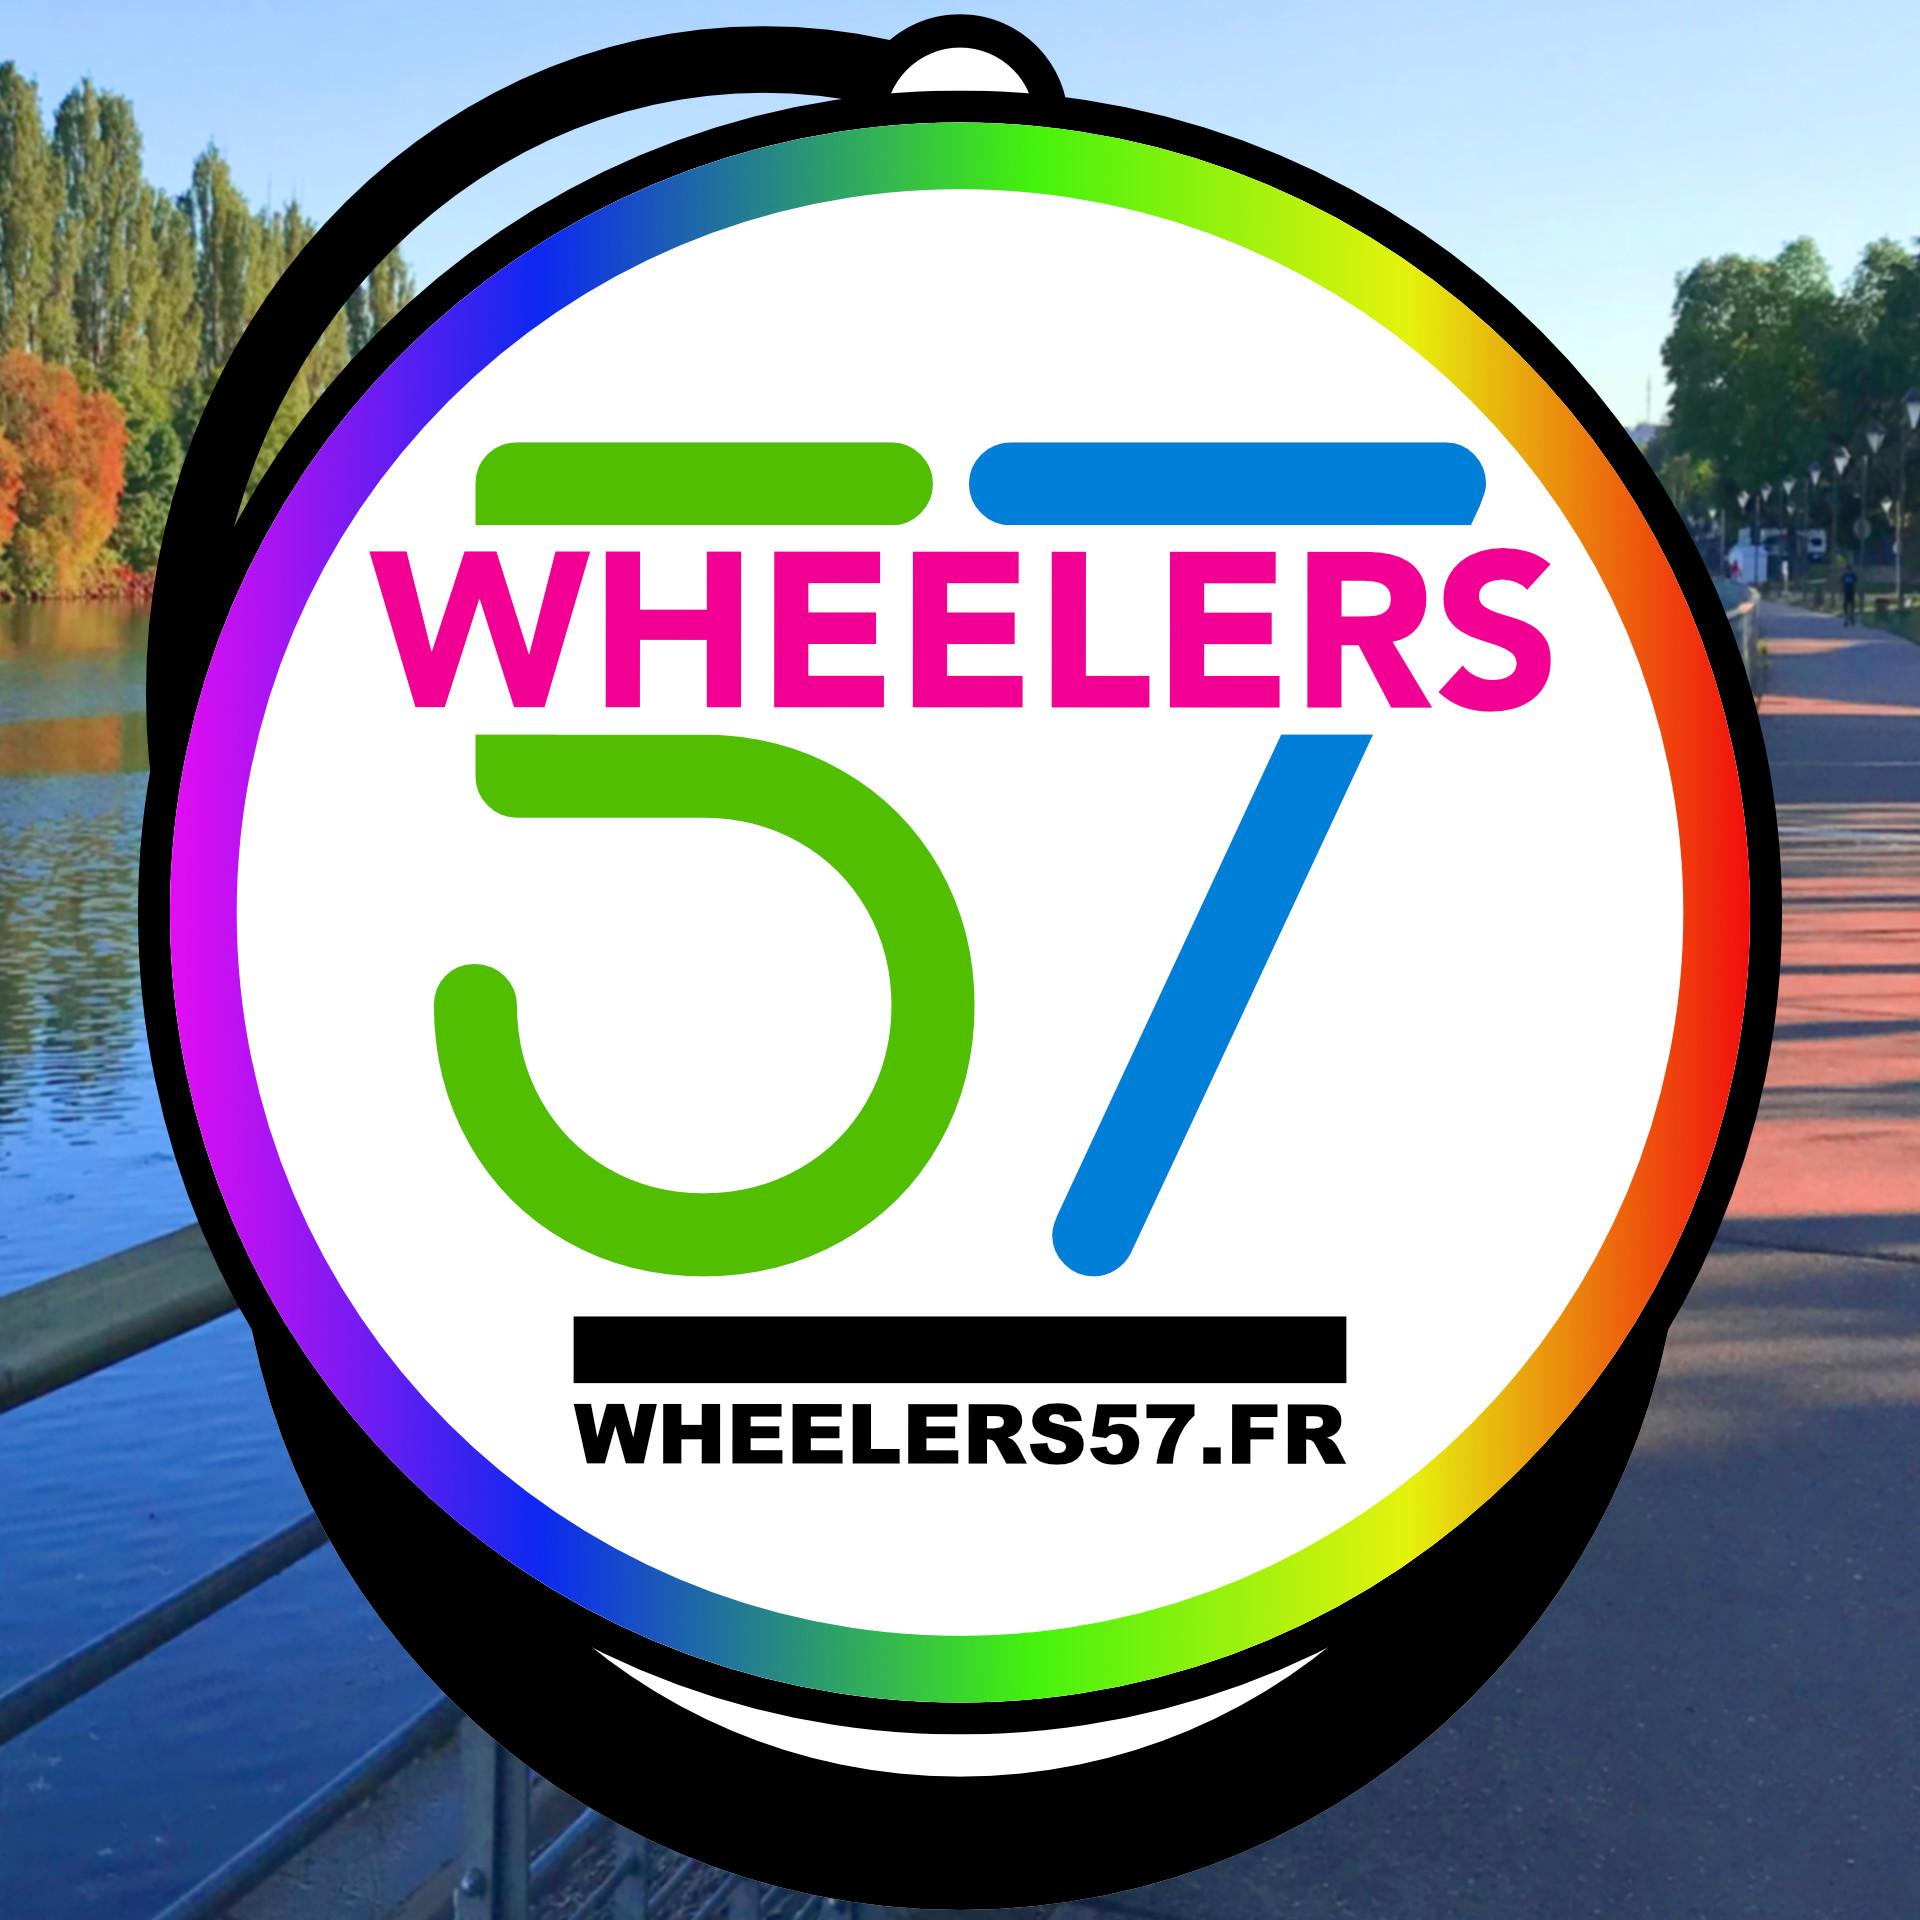 Wheelers57